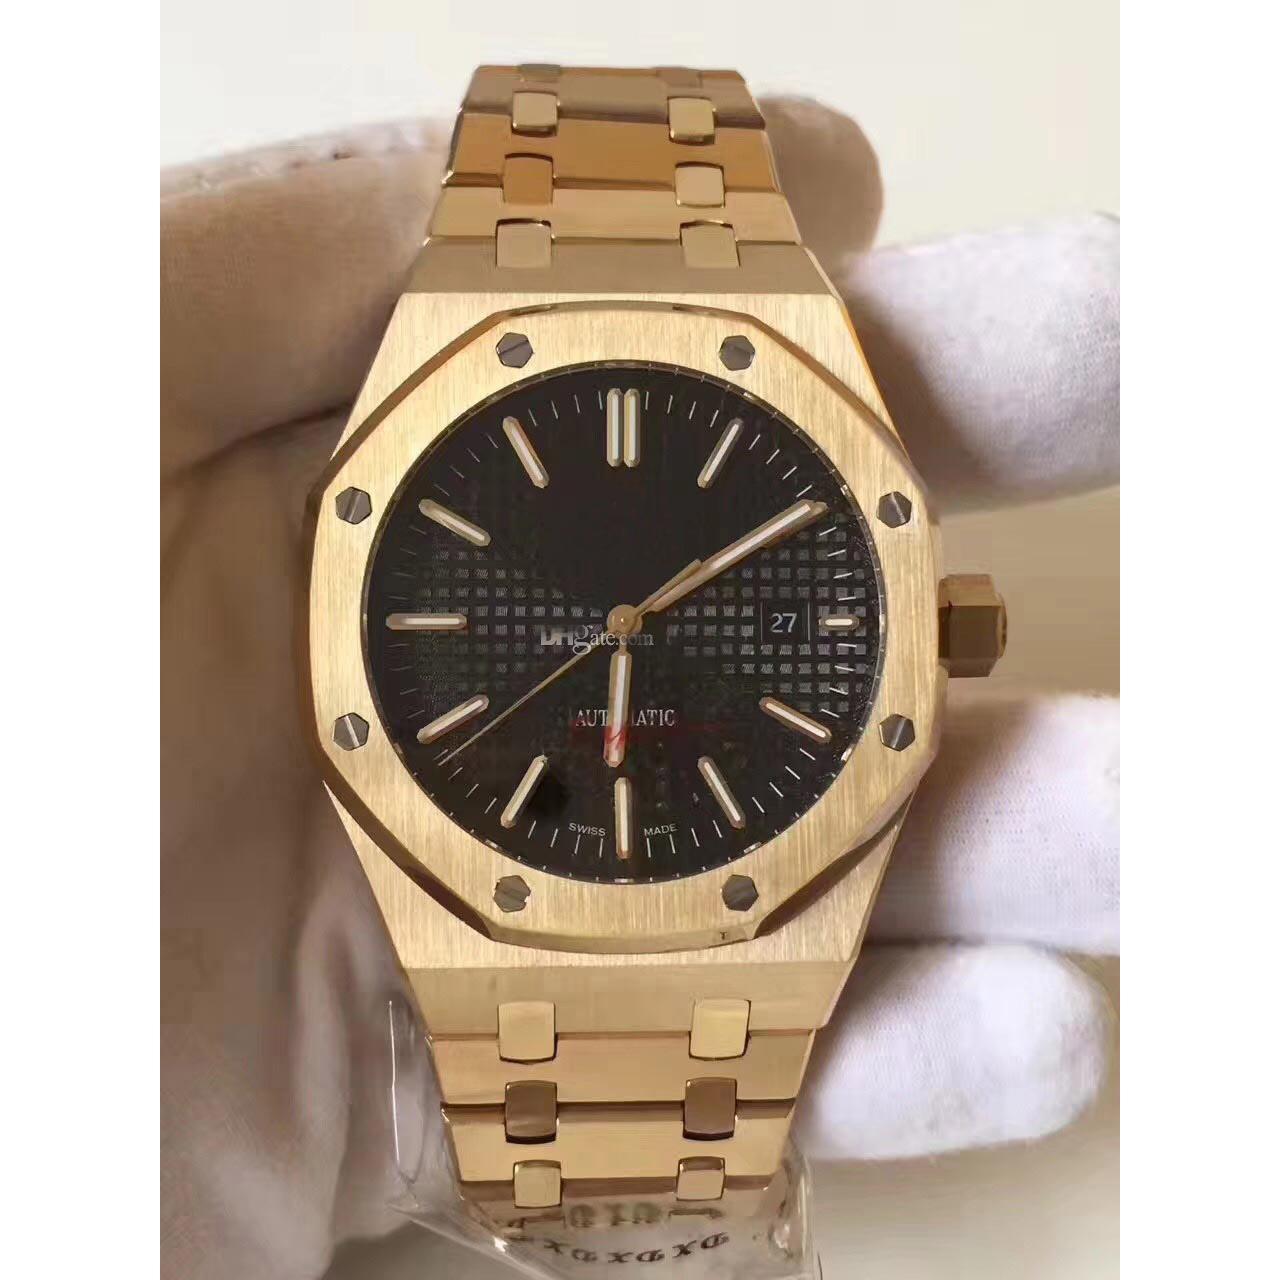 Hommes en gros montres mécaniques automatiques modèle montre de sport en acier inoxydable montre-bracelet étanche à 30 mètres